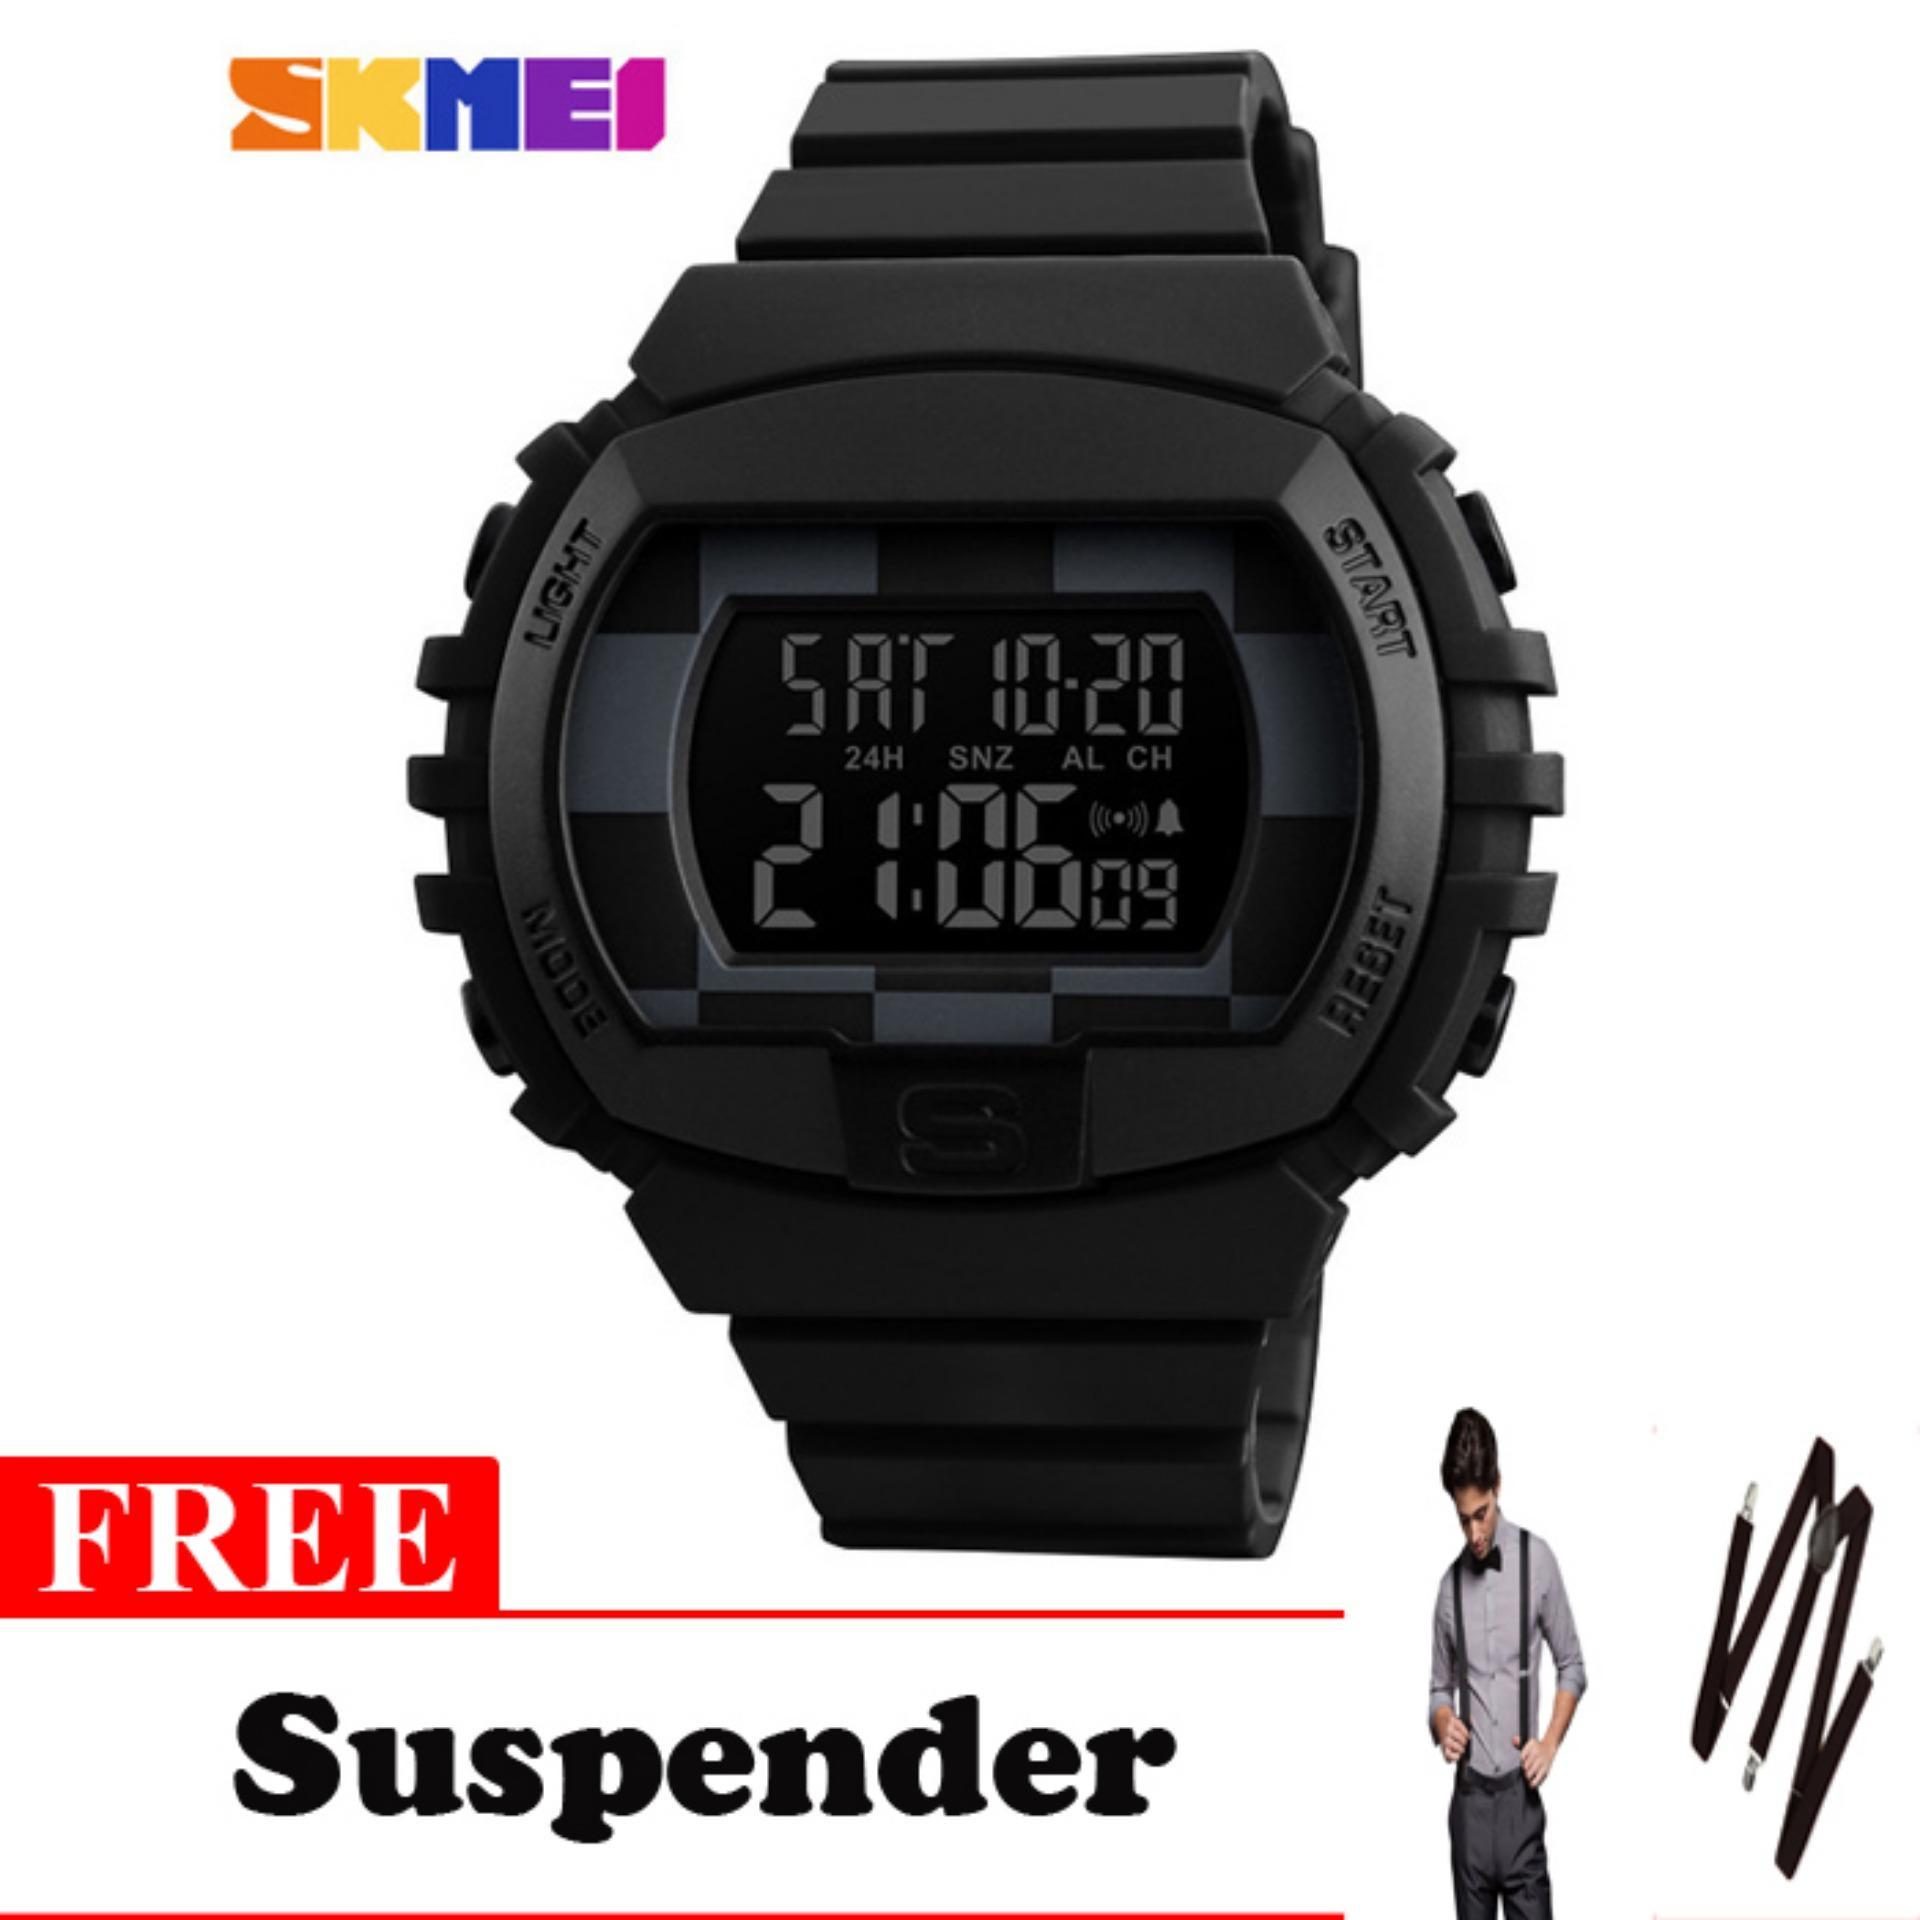 SKMEI Jam Tangan Digital Sporty Pria 1304 Jam Tangan Pria Original - Hitam - Free Suspender Keren